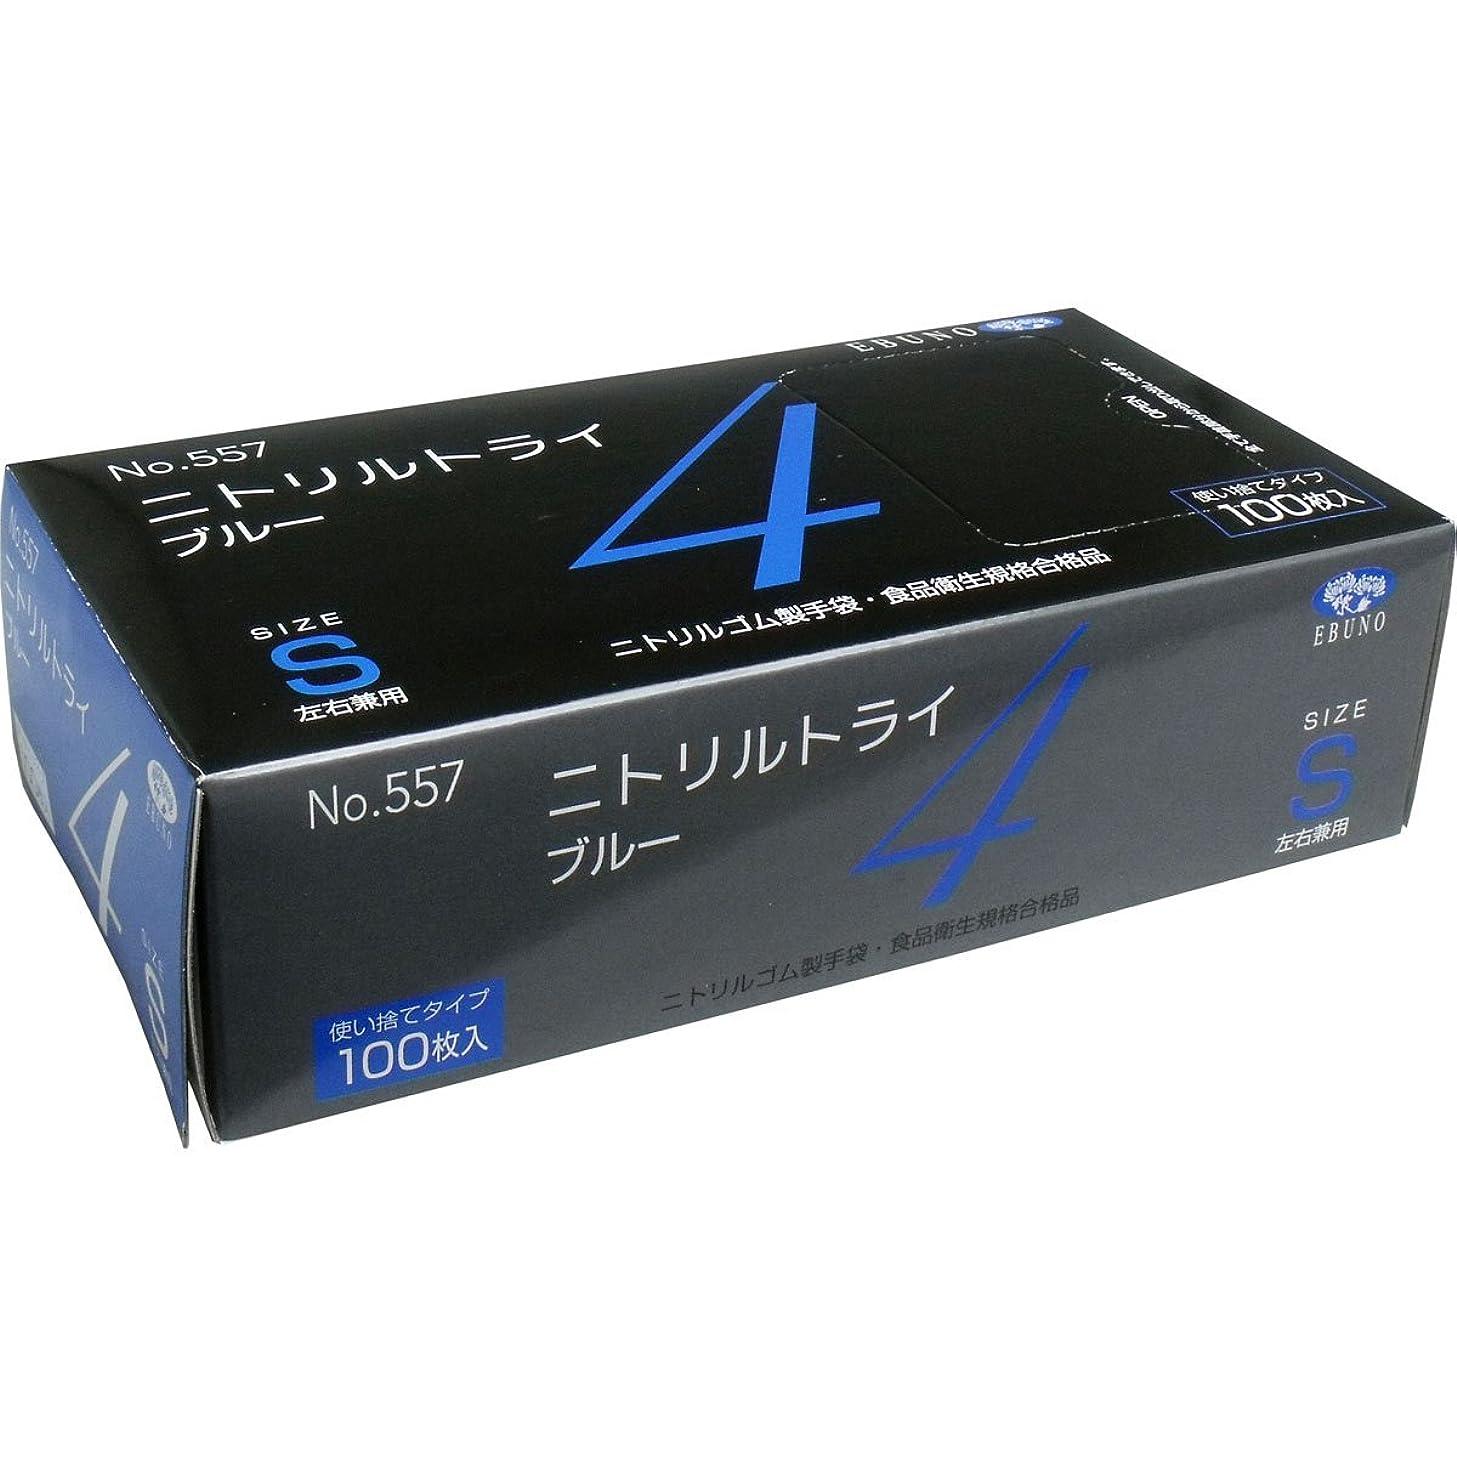 と組む毒液郵便番号ニトリルトライ4 №557 ブルー 粉付 Sサイズ 100枚入